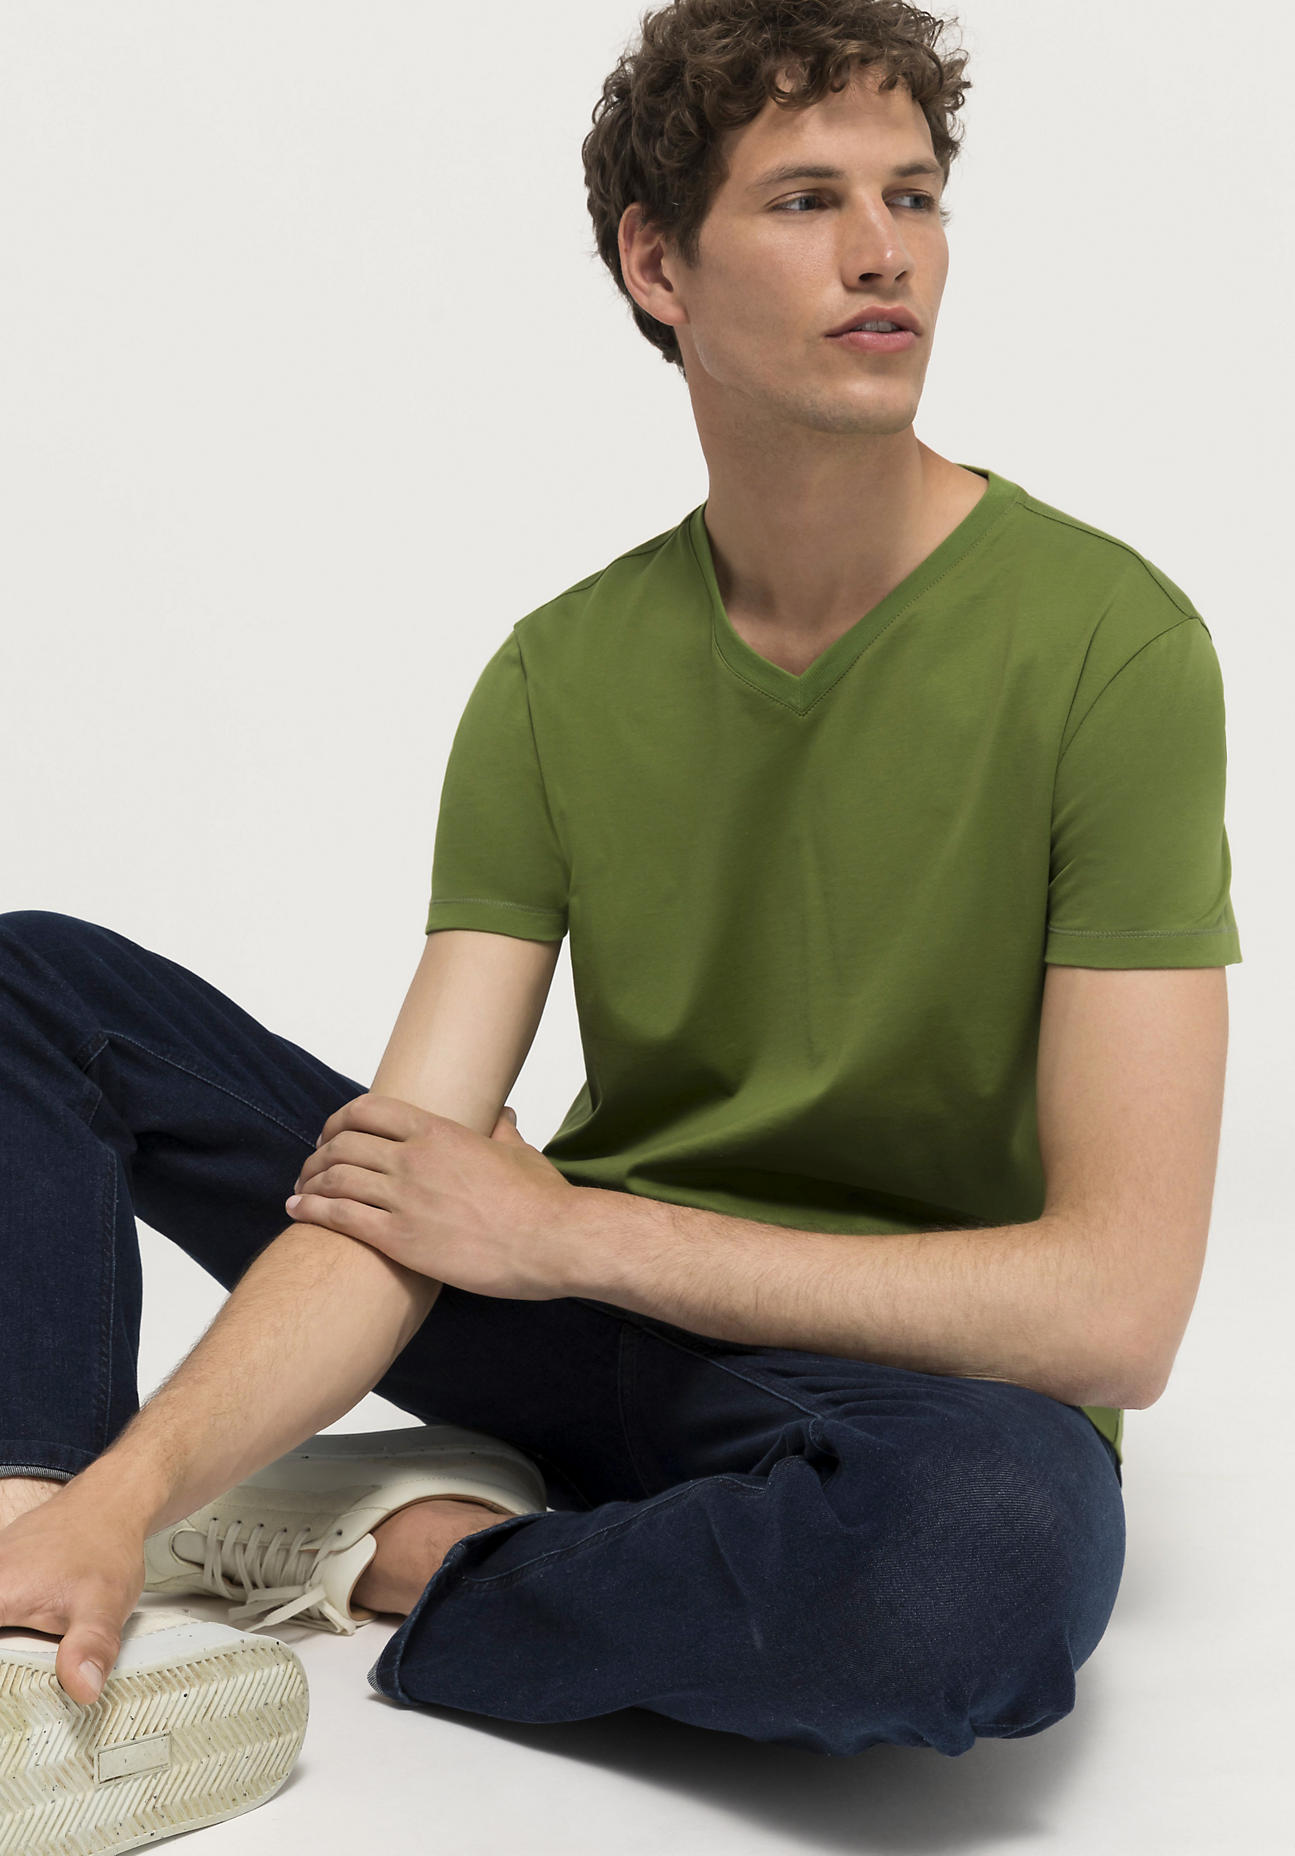 hessnatur Herren V-Shirt aus Bio-Baumwolle - grün Größe 54